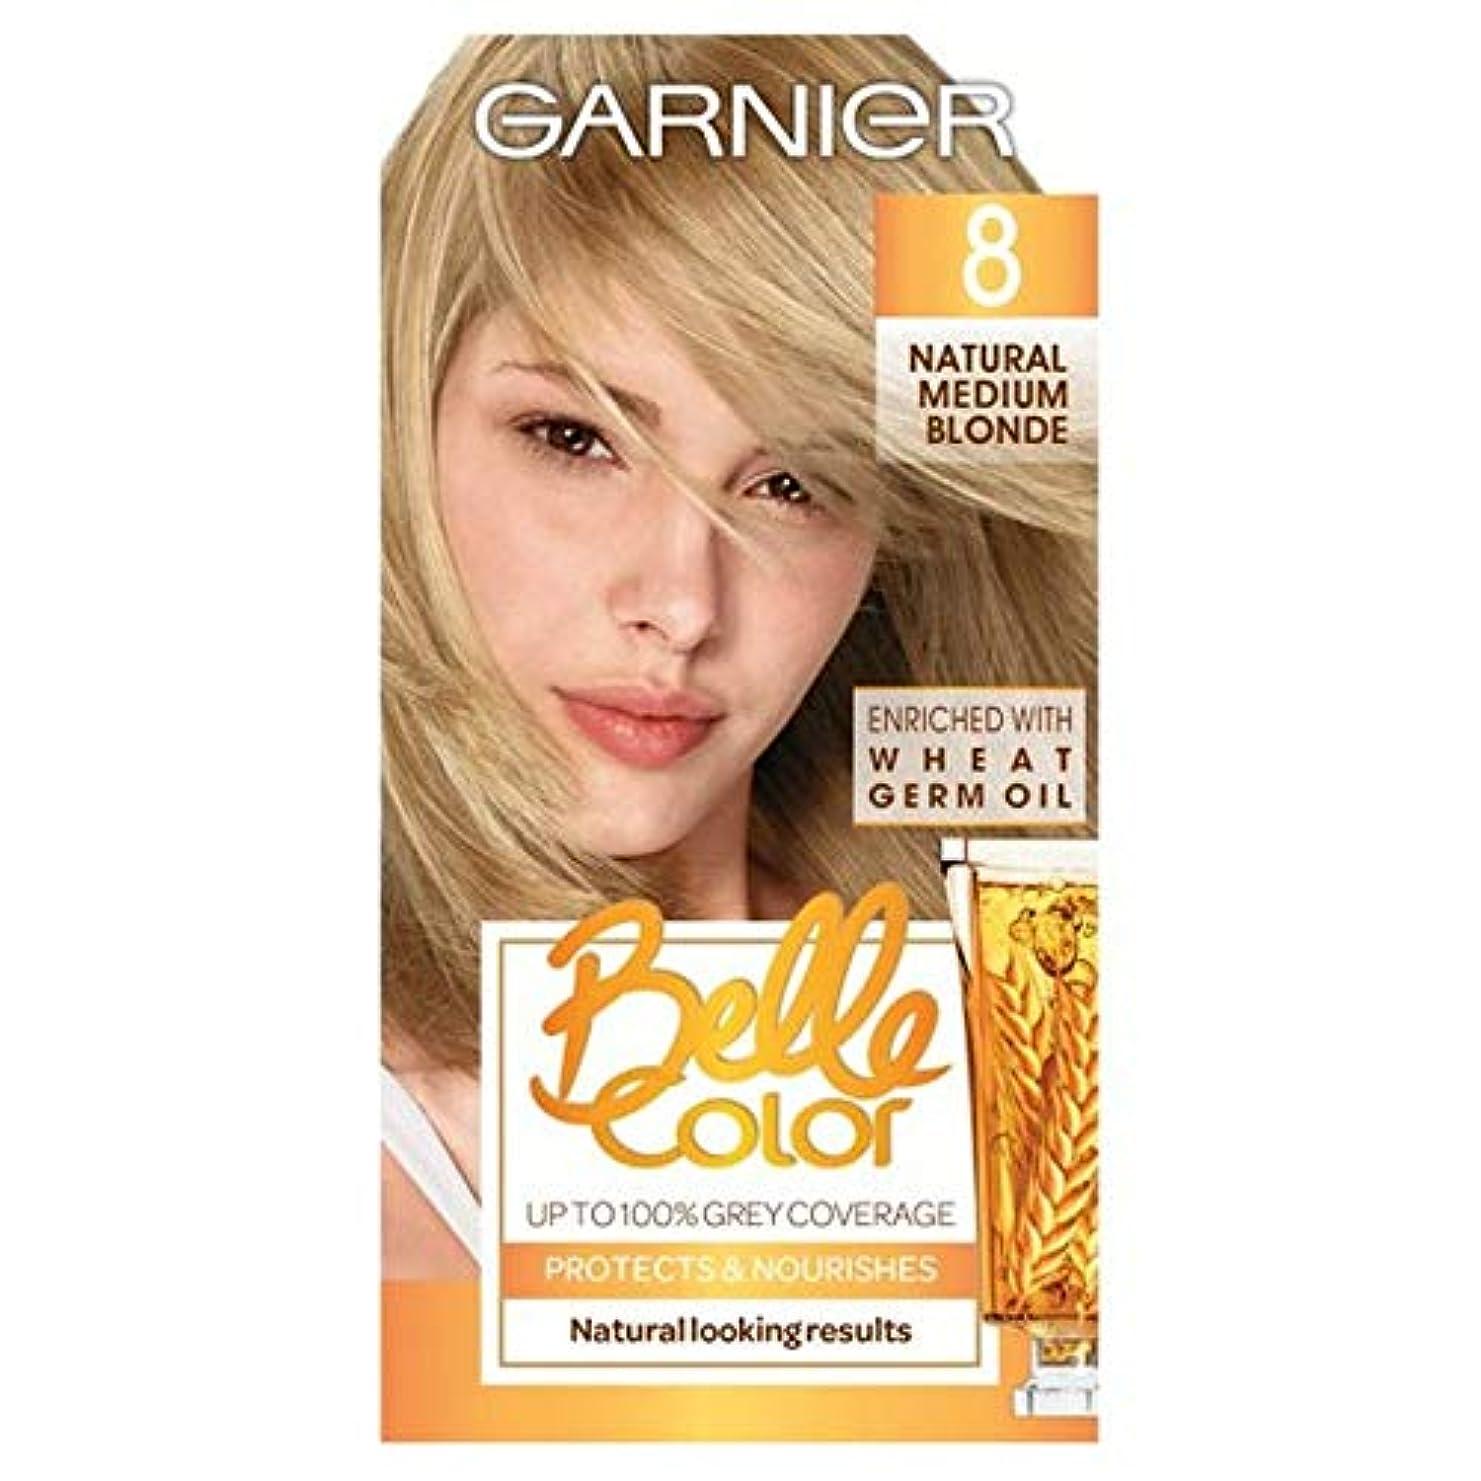 人柄欲望使役[Belle Color ] ガーン/ベル/Clr 8天然培地ブロンドパーマネントヘアダイ - Garn/Bel/Clr 8 Natural Medium Blonde Permanent Hair Dye [並行輸入品]